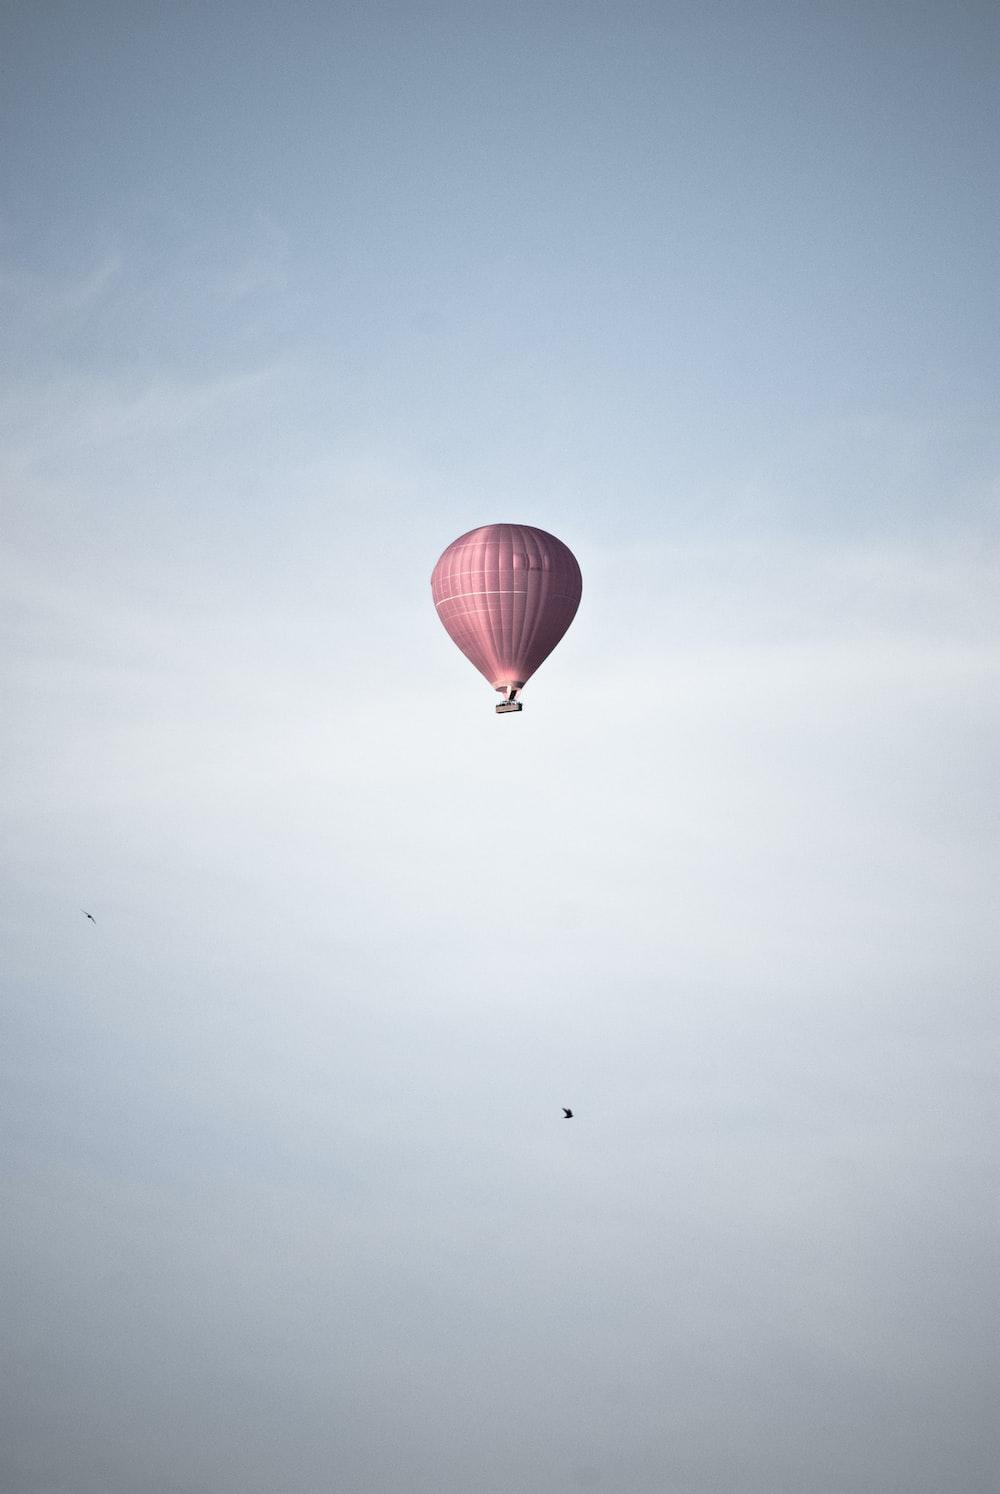 pink air balloon